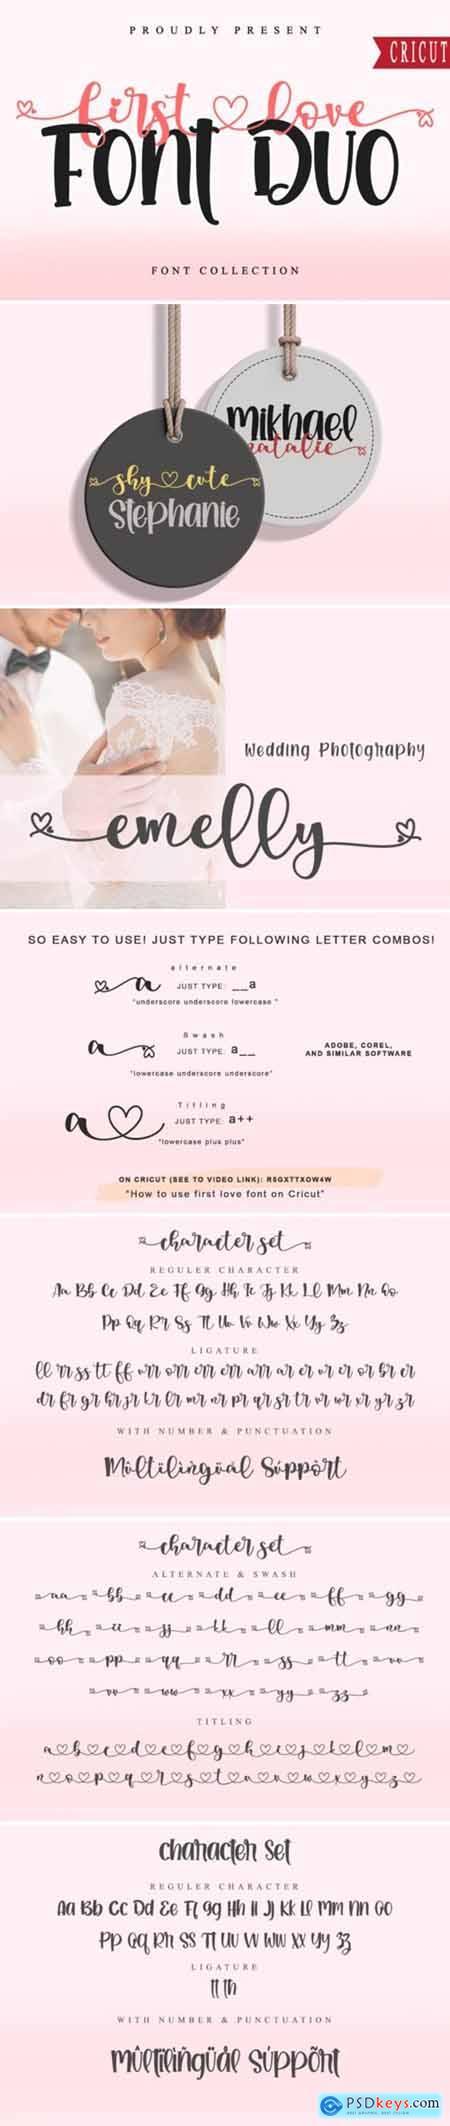 First Love FD Font